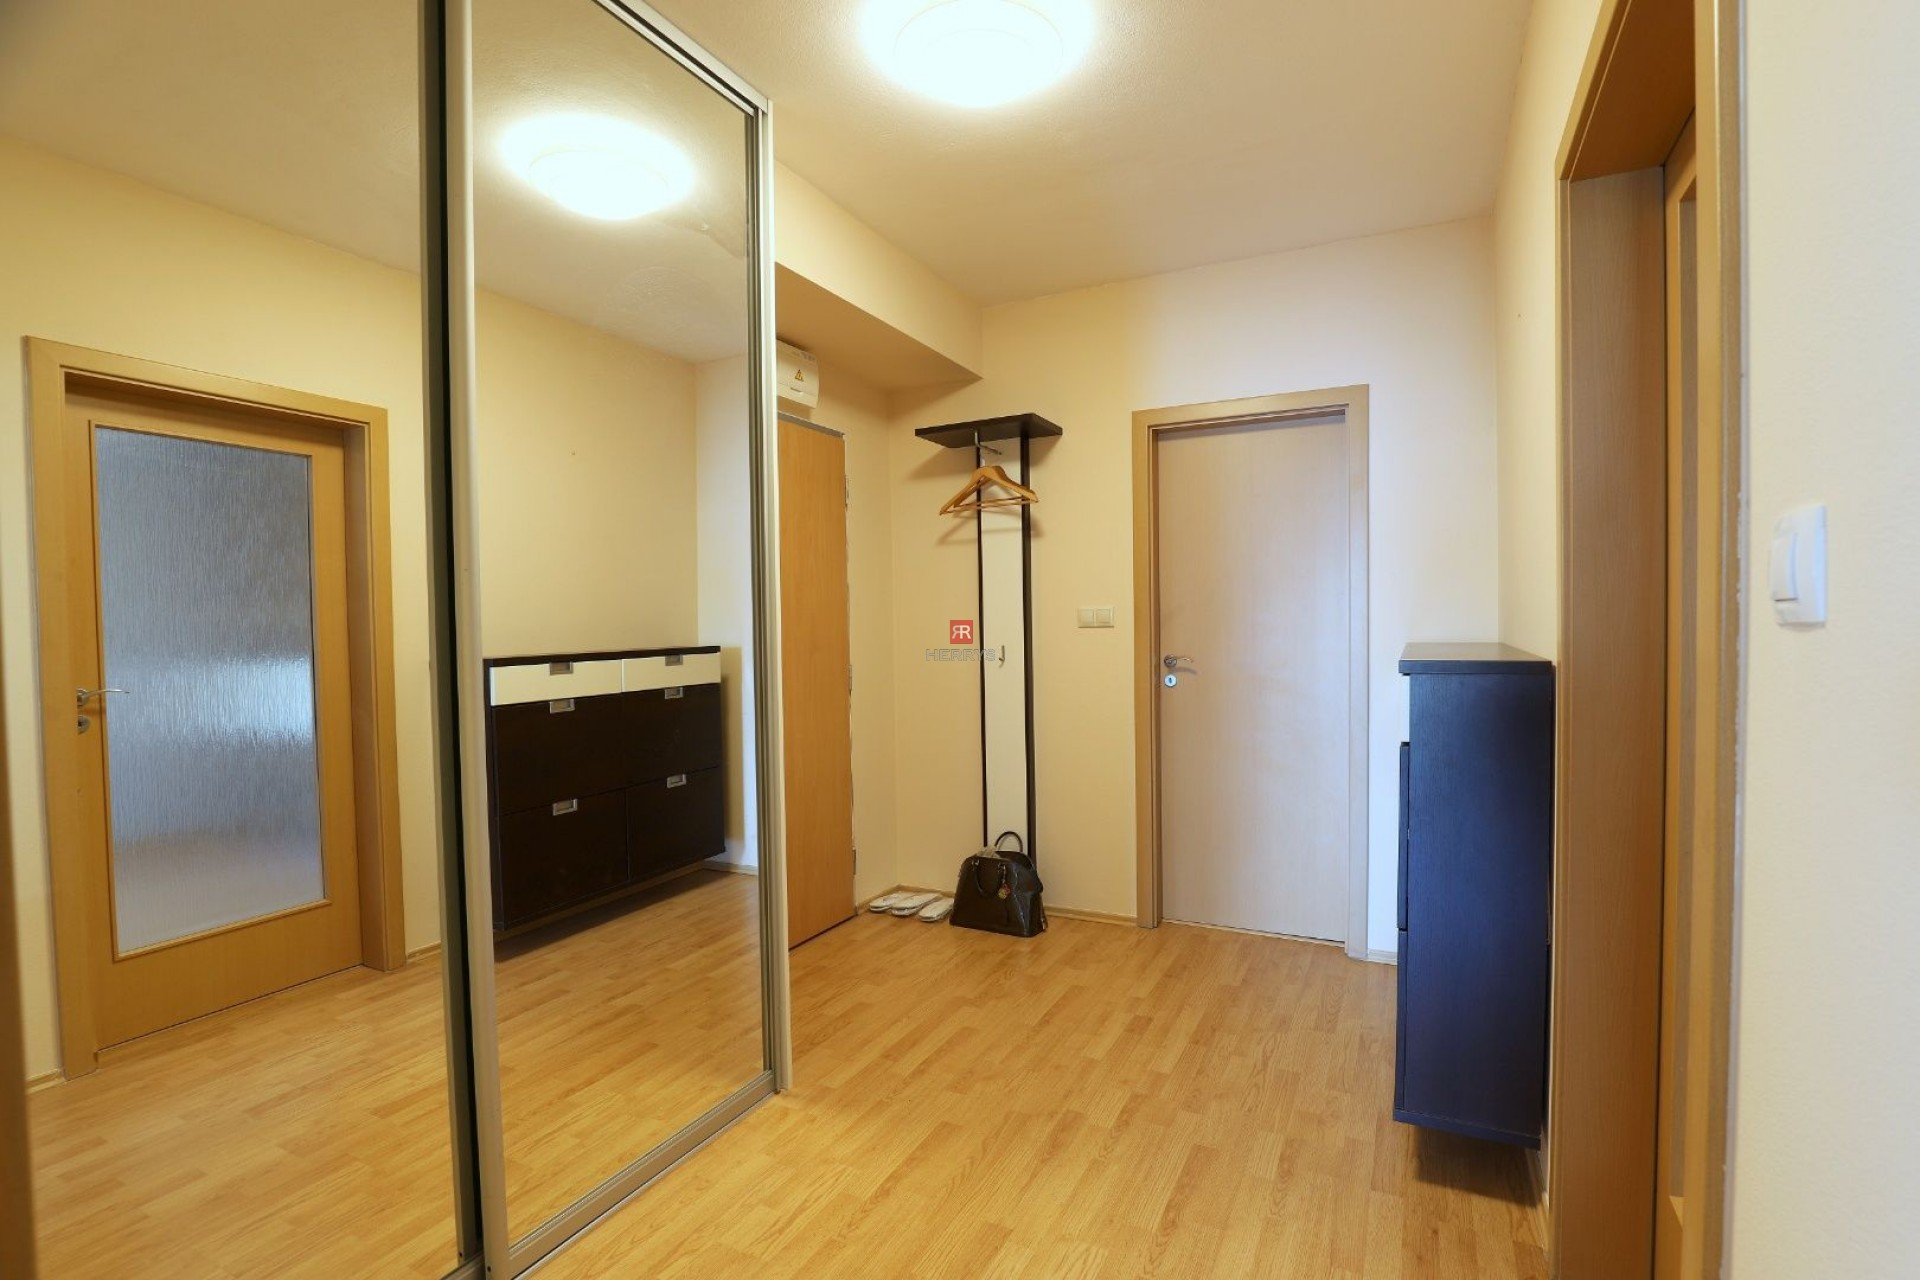 HERRYS - Na prenájom zariadený 2 izbový byt v novostavbe na Jégeho ulici pri OC Centrál, garáž